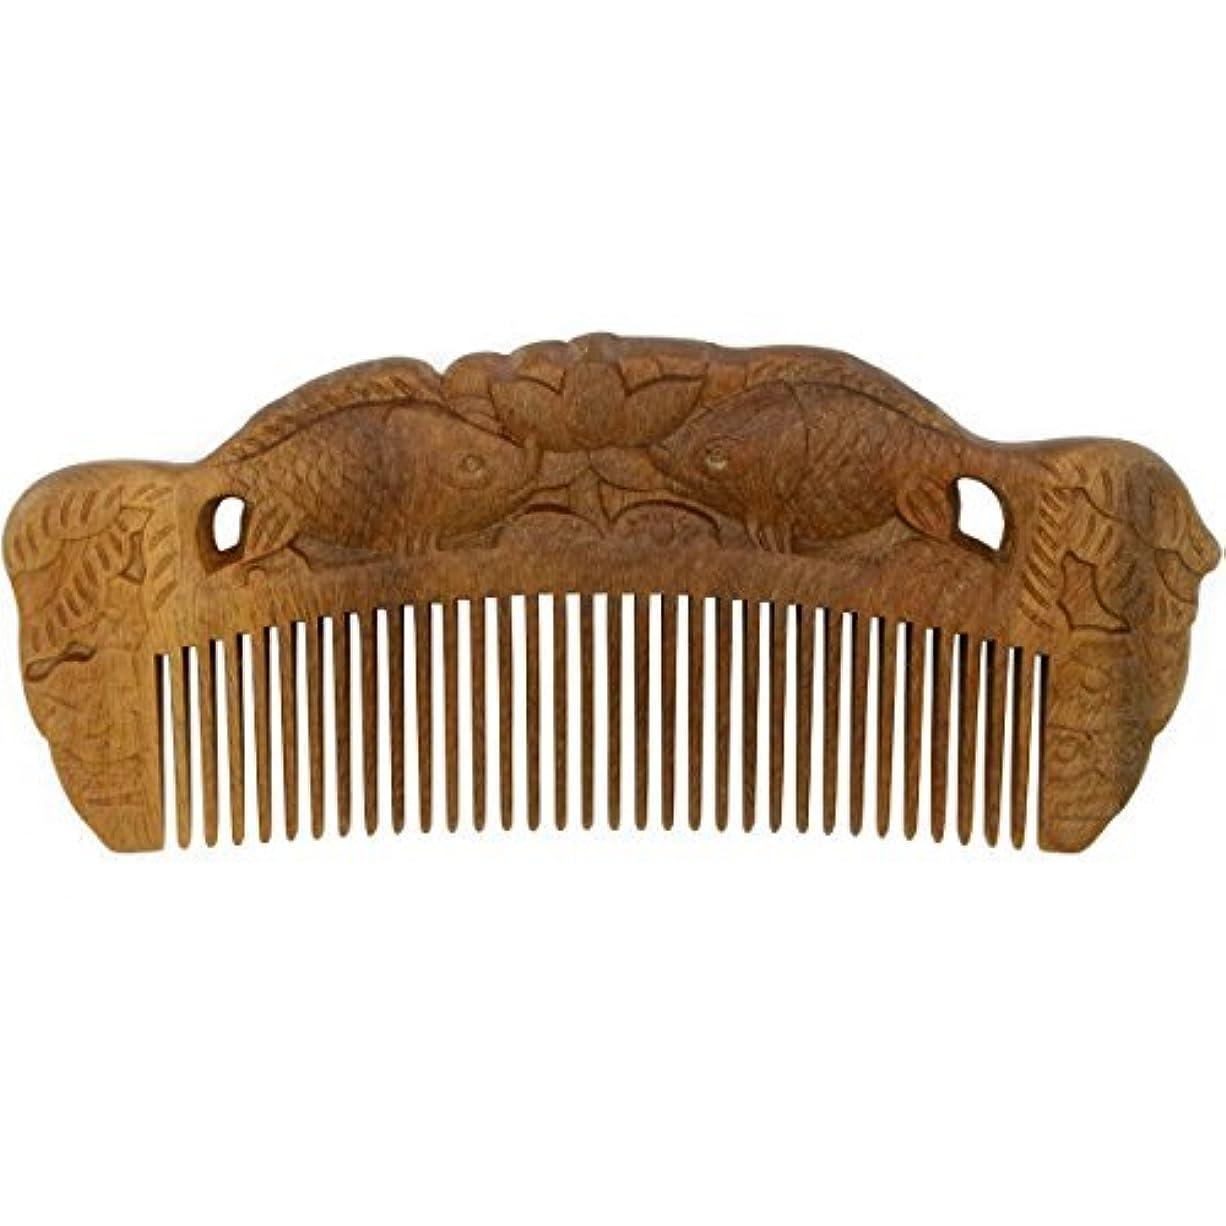 差し引く世界に死んだおじさんYOY Handmade Carved Natural Sandalwood Hair Comb - Anti-static No Snag Brush for Men's Mustache Beard Care Anti...